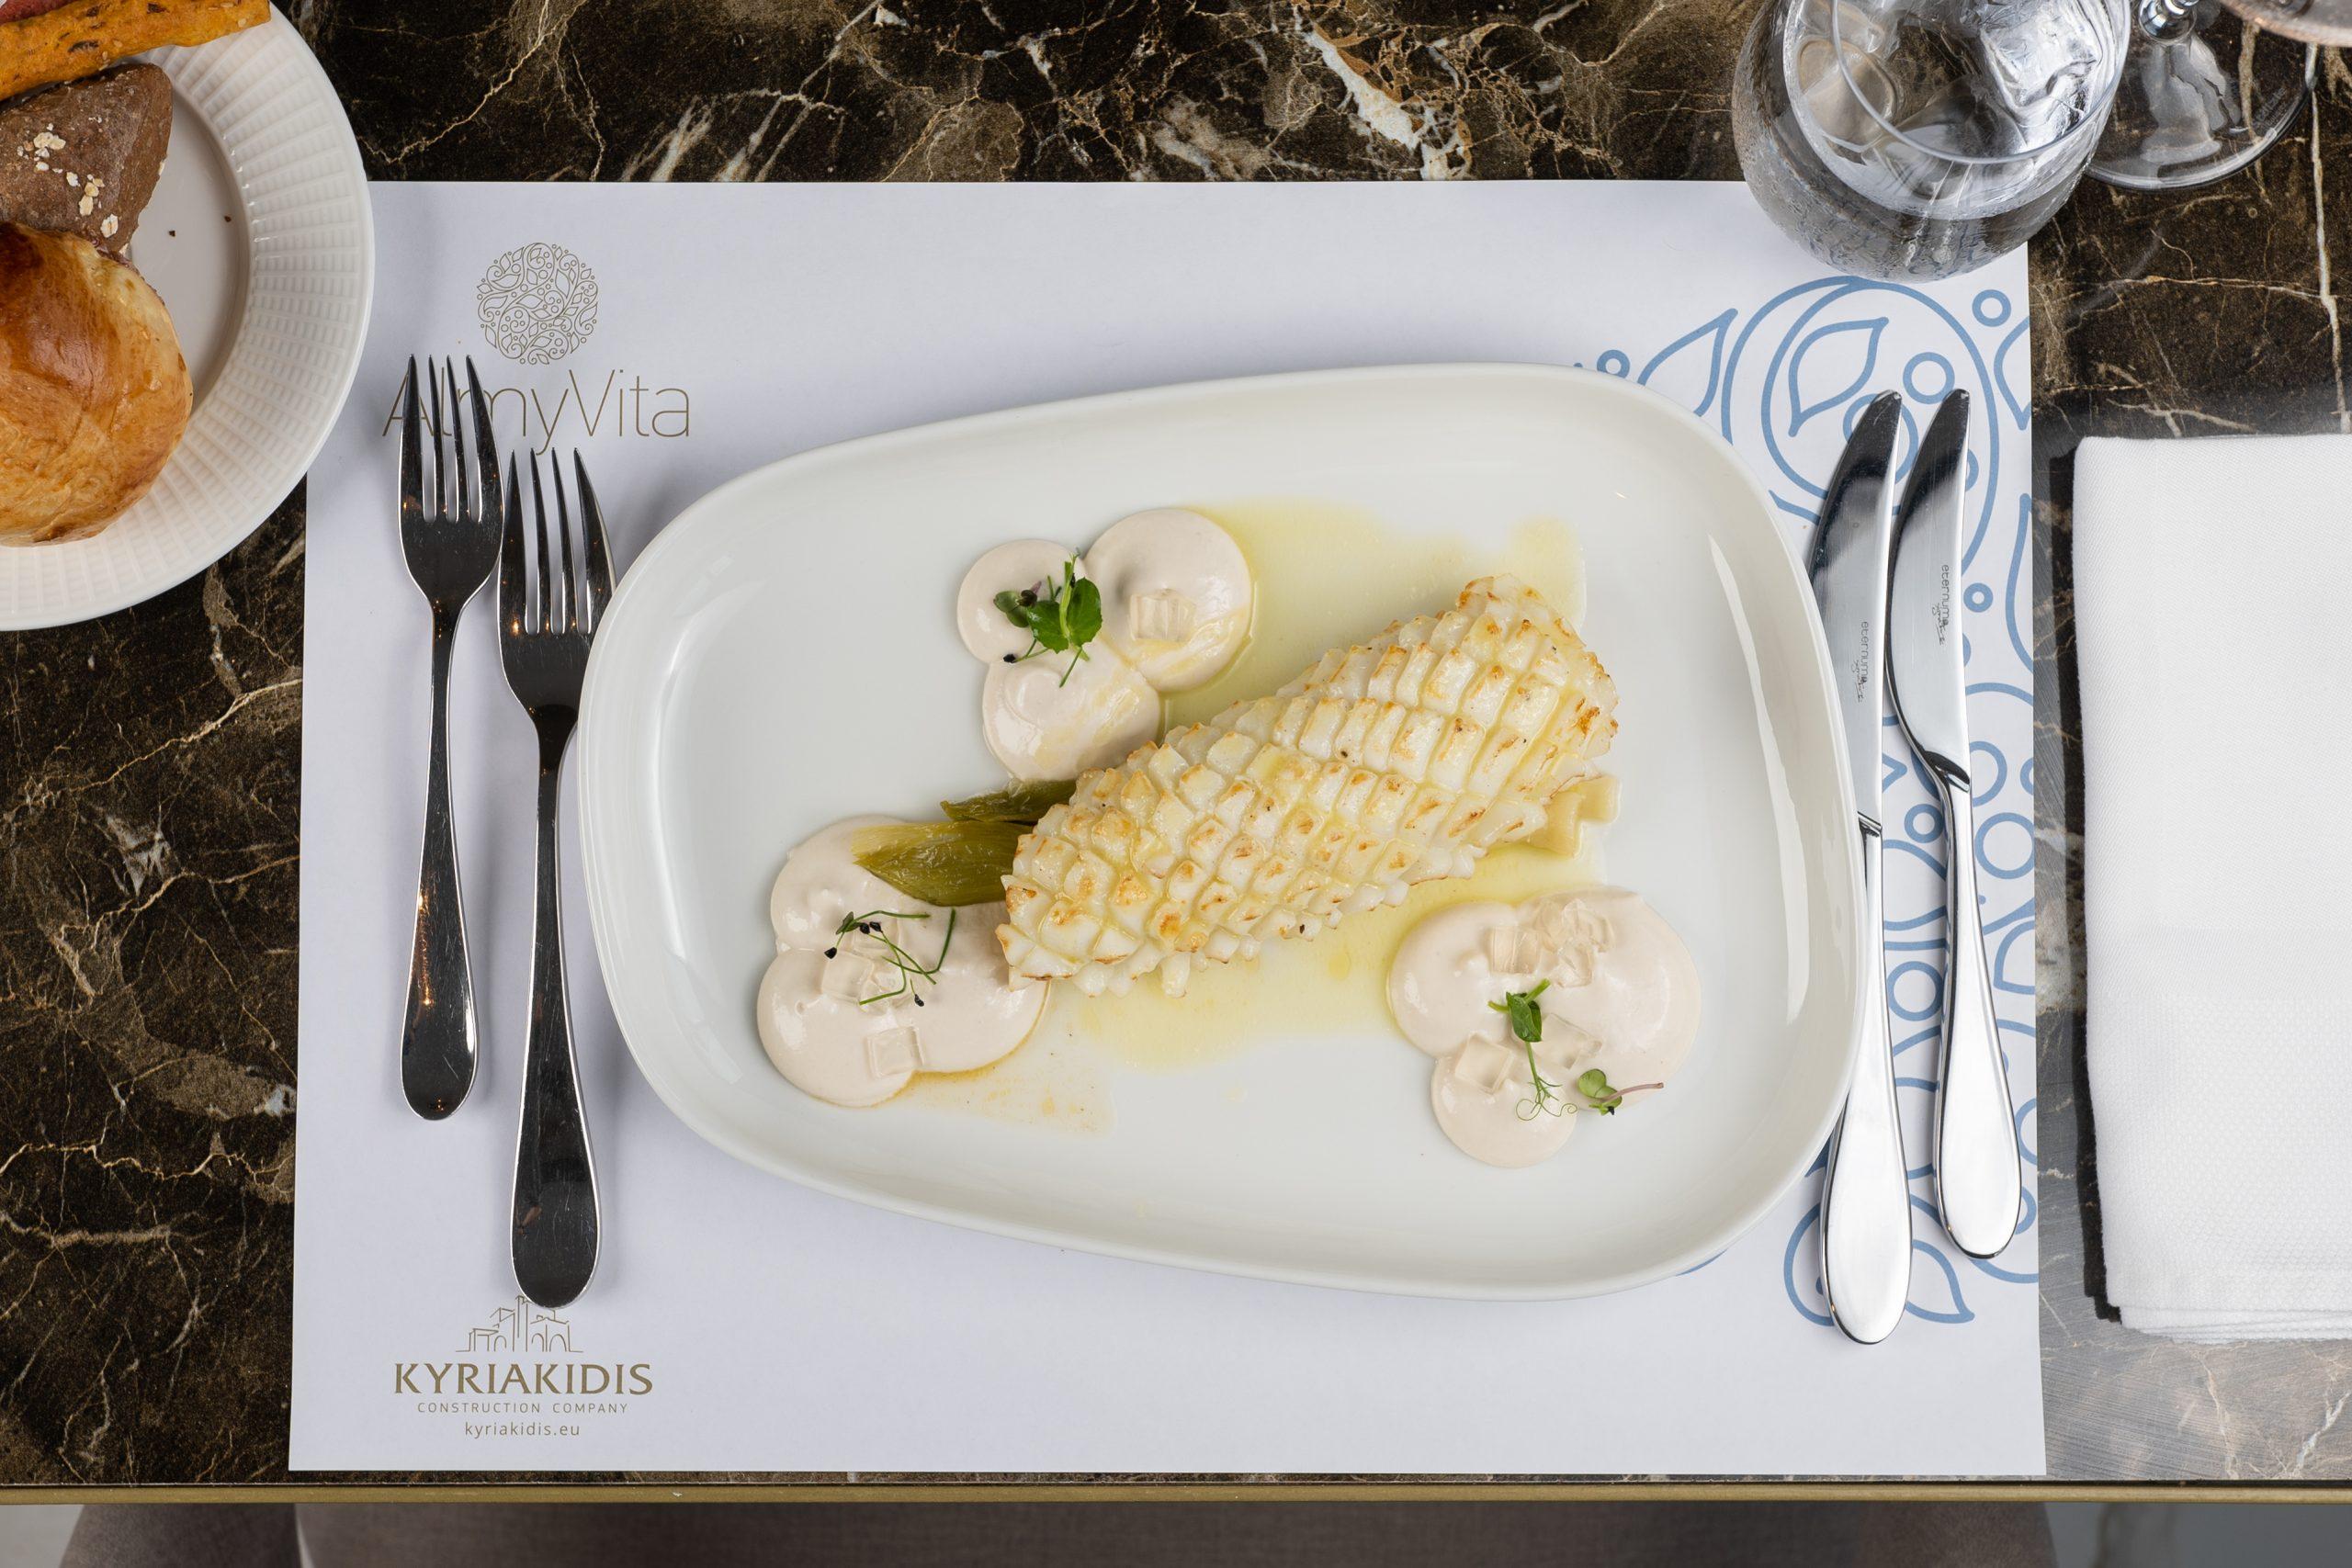 Luxury Restaurants in Chania- Almyvita luxury restaurant in almyrida- sushi restaurant in chania